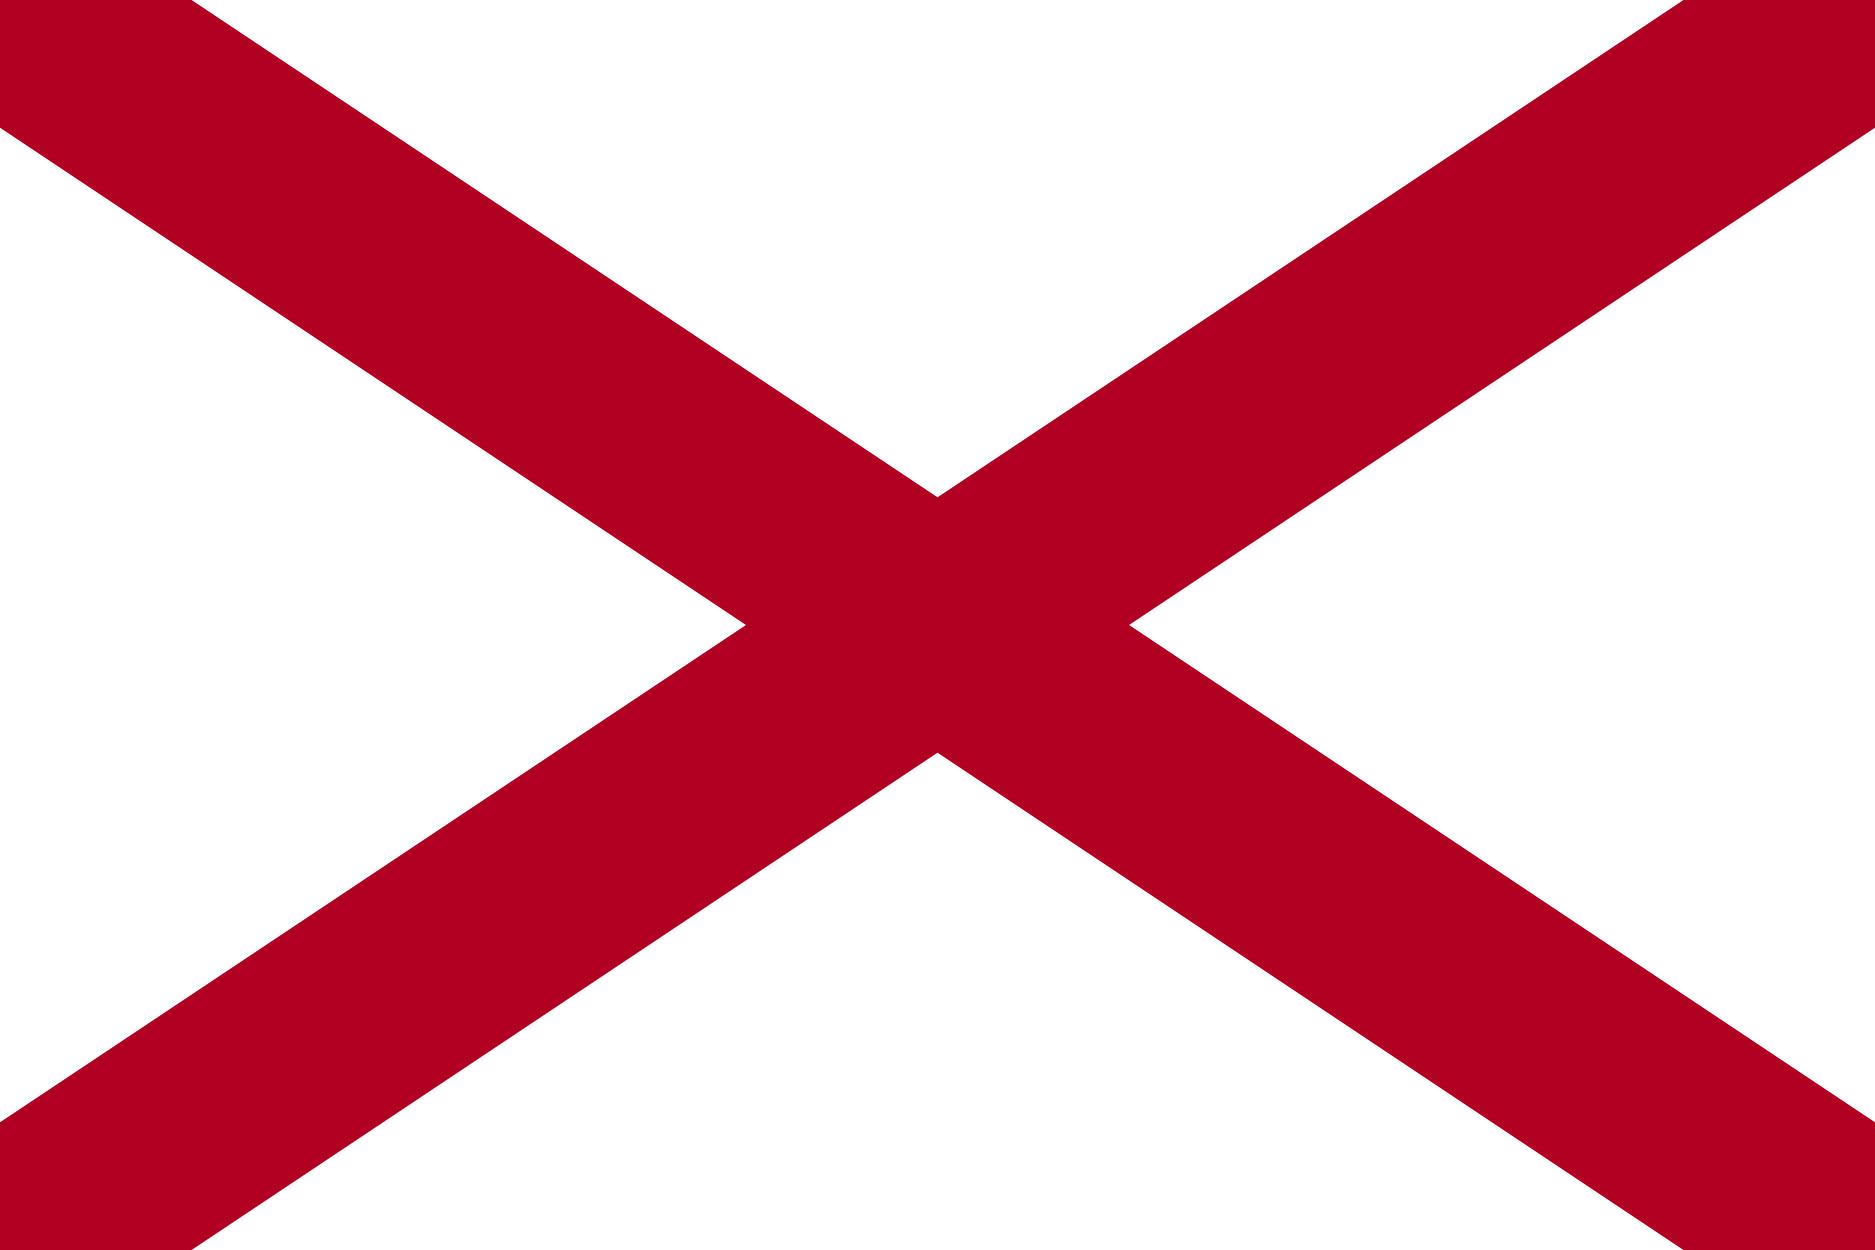 Alabama State Flag Colors